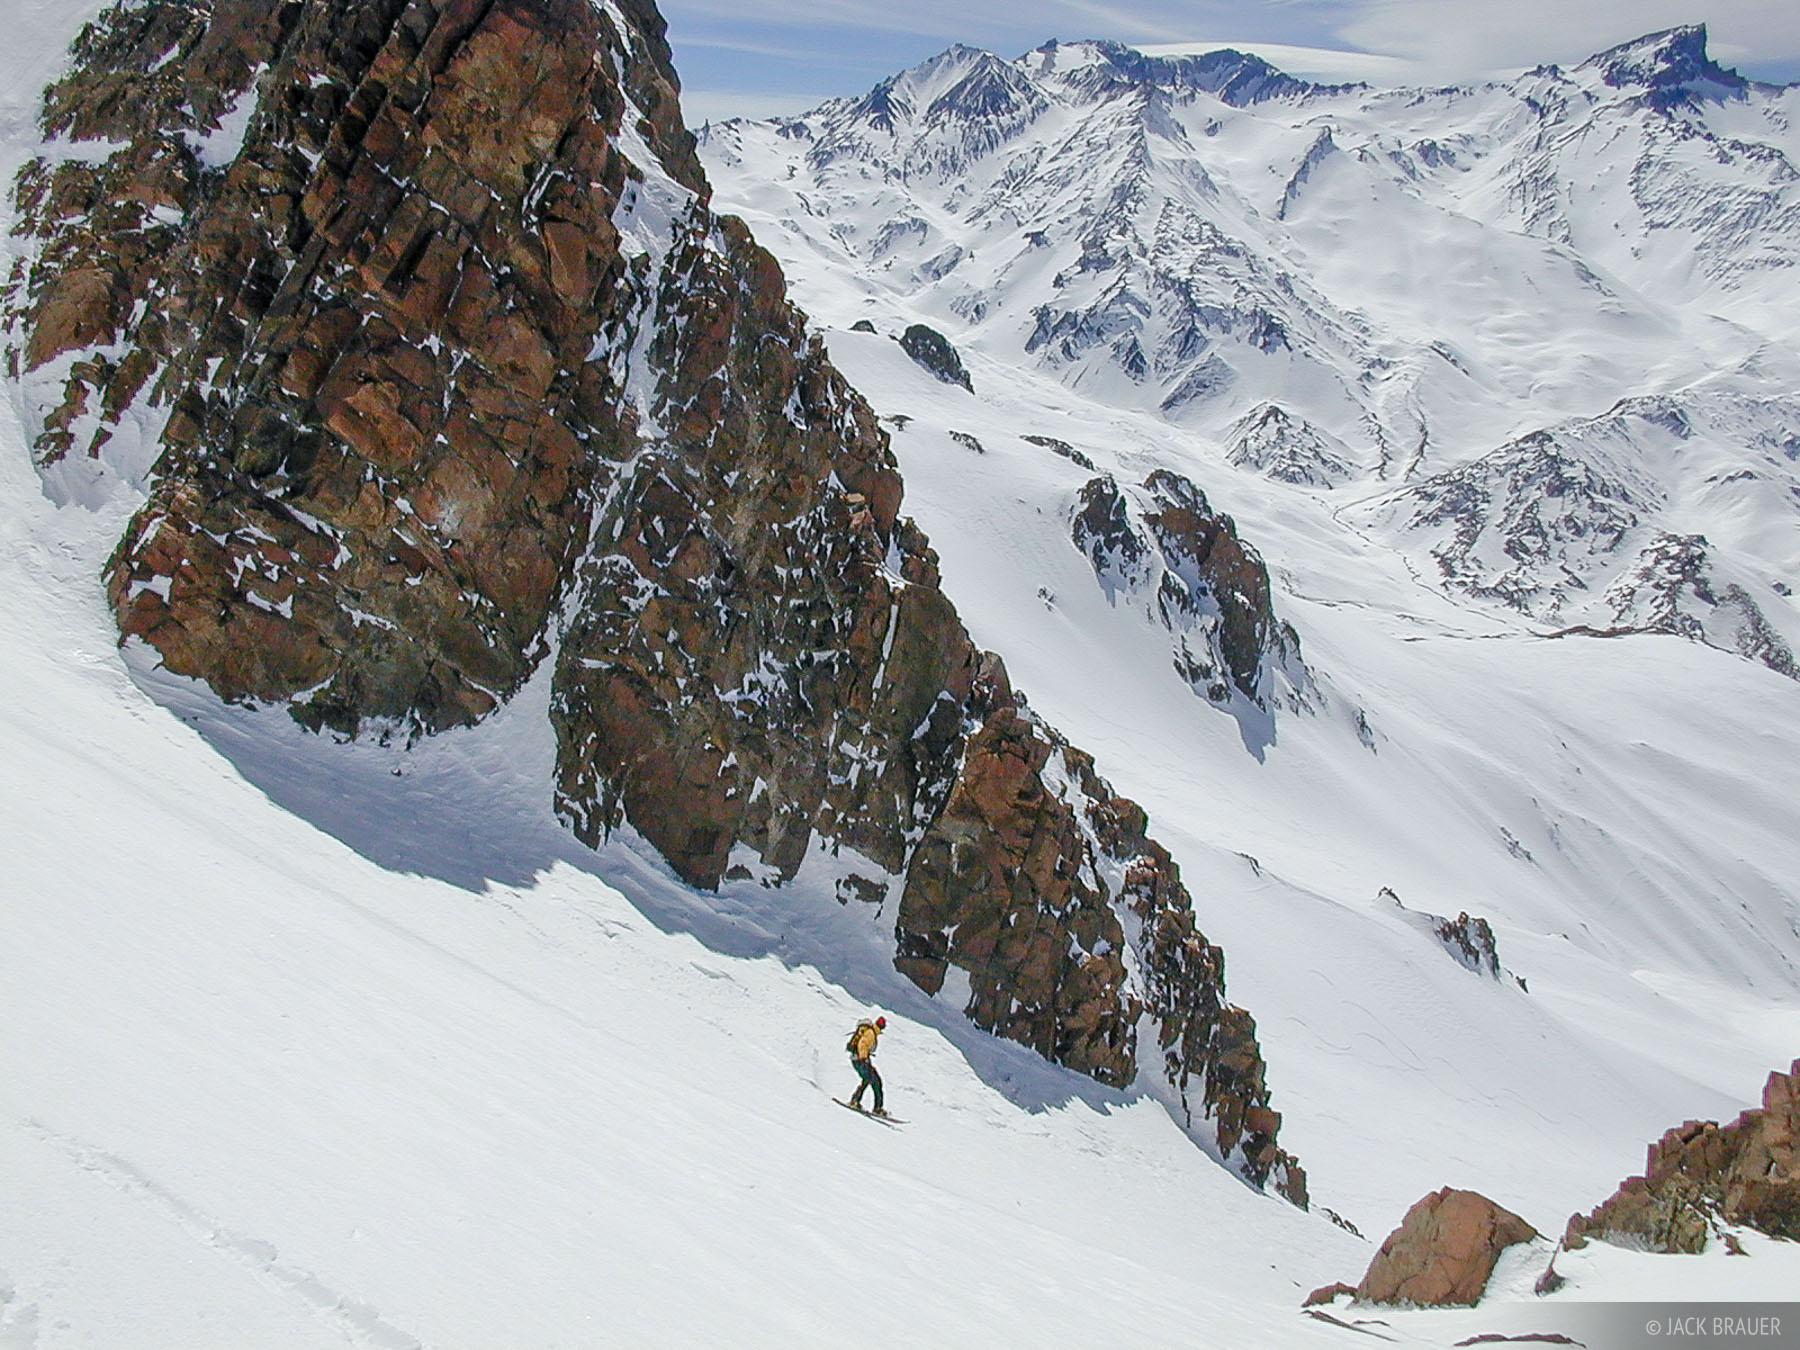 Argentina, snowboarding, Las Leñas, photo